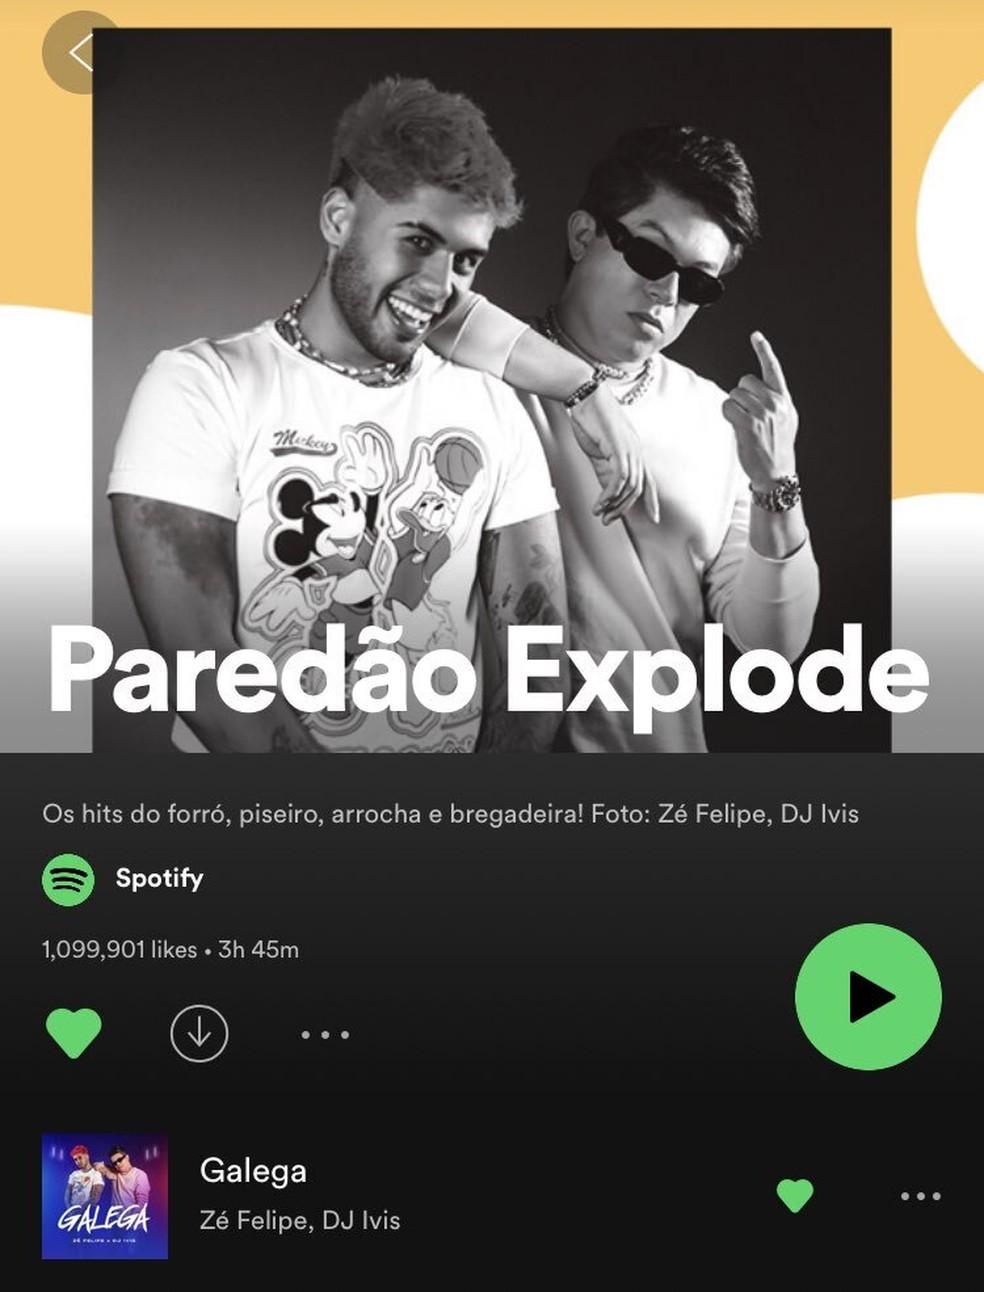 No dia 8 de julho, DJ Ivis estava na imagem de capa e na primeira faixa da playlist 'Paredão explode', uma das prinicipais do Spotify. Hoje, ele não tem nenhuma faixa lá — Foto: Reprodução